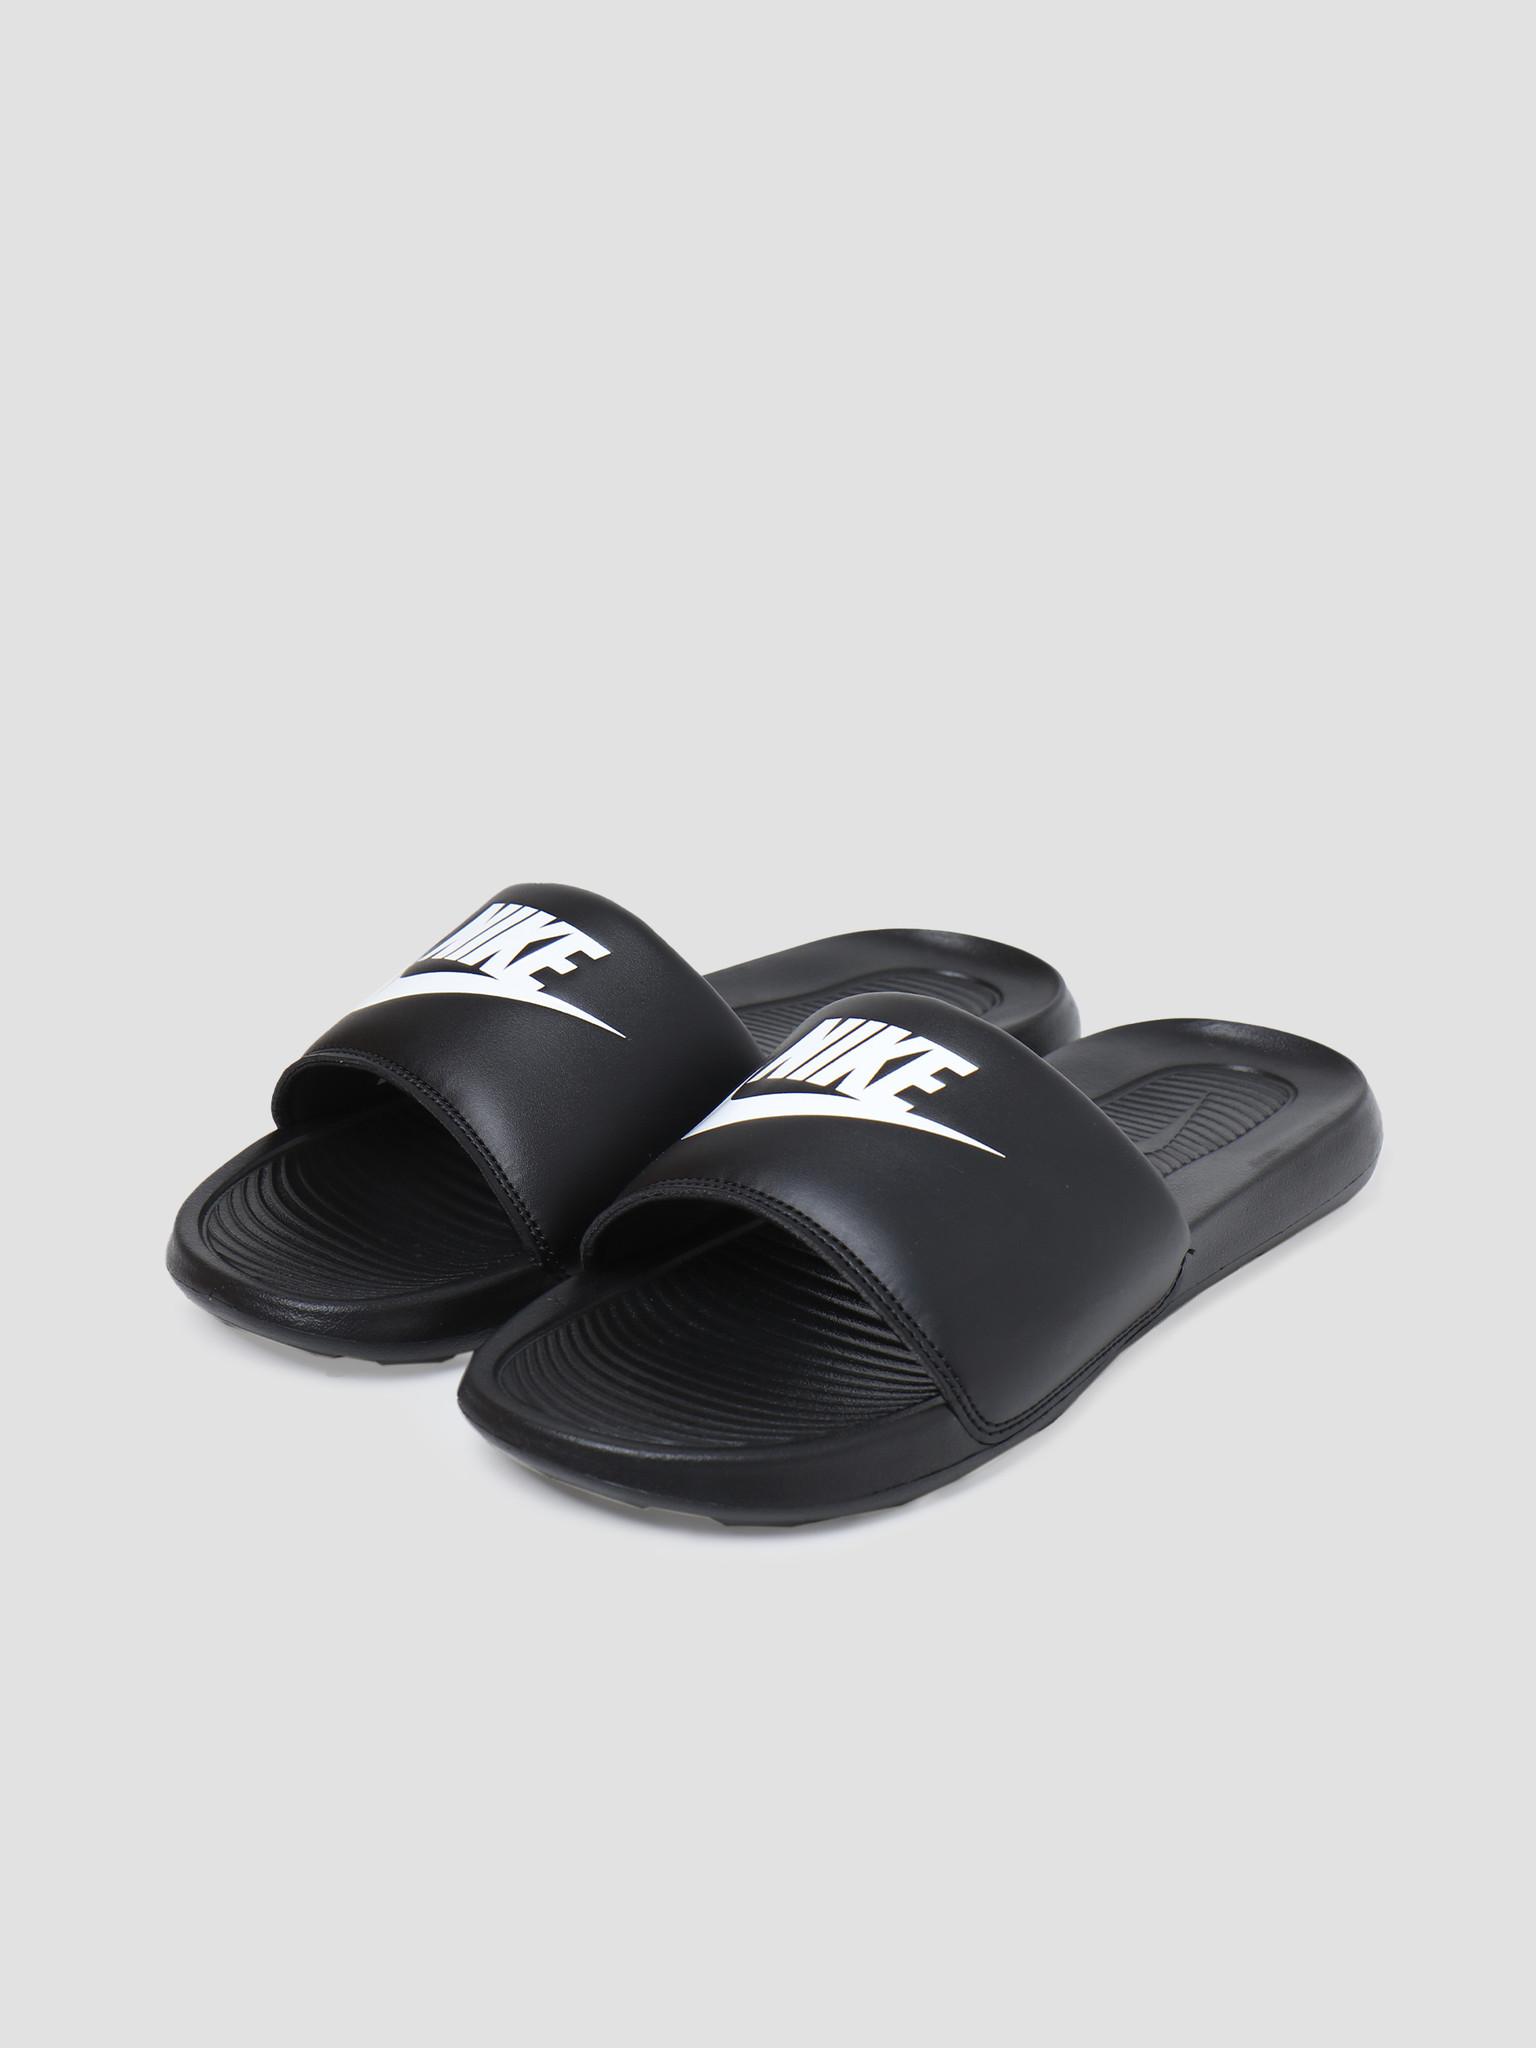 Nike Nike Victori One Slide Black White Black CN9675-002